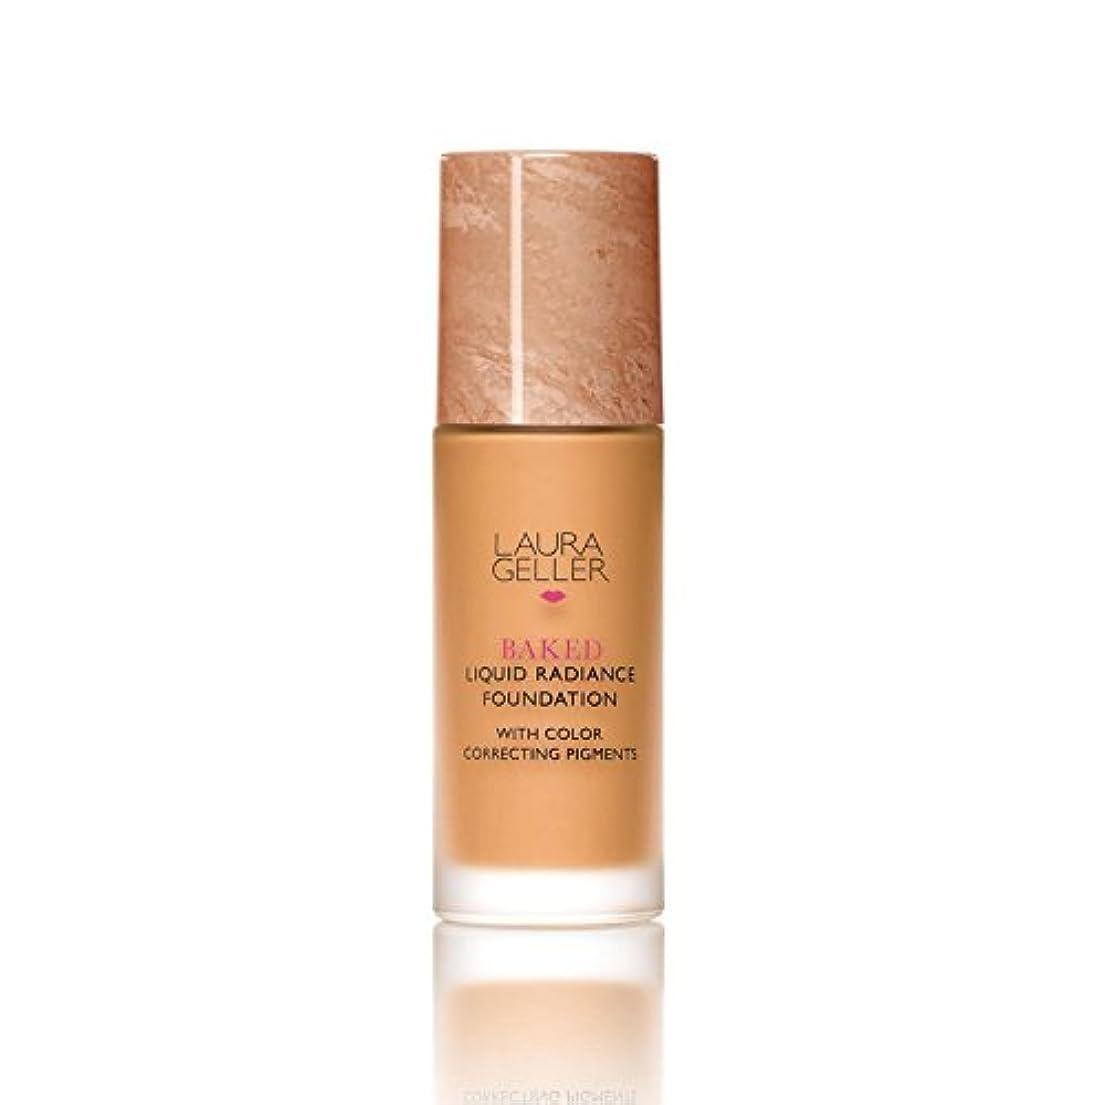 祖母可愛いトラップローラ?ゲラーニューヨーク焼いた液体放射輝度基盤日焼け x4 - Laura Geller New York Baked Liquid Radiance Foundation Tan (Pack of 4) [並行輸入品]